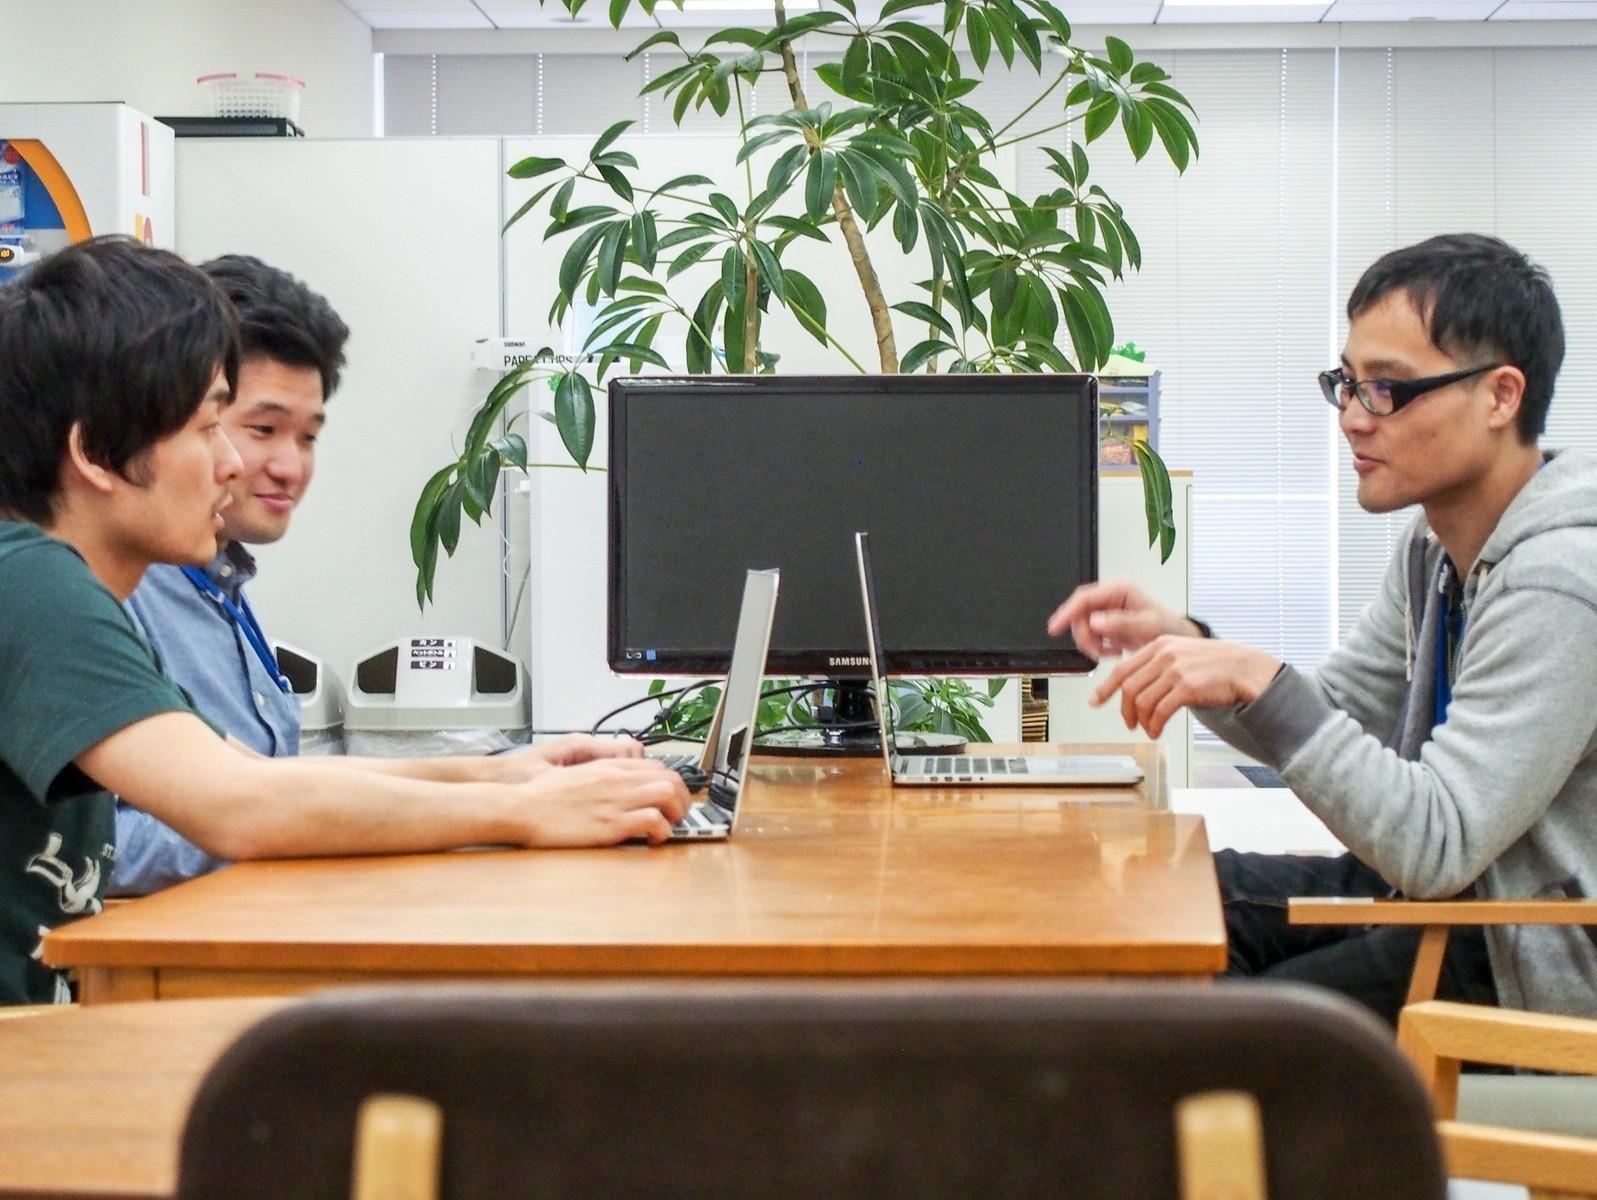 100%自社プロダクトで自分をさらに成長させ、業界を変える!WEBアプリエンジニア(プロダクト導入)